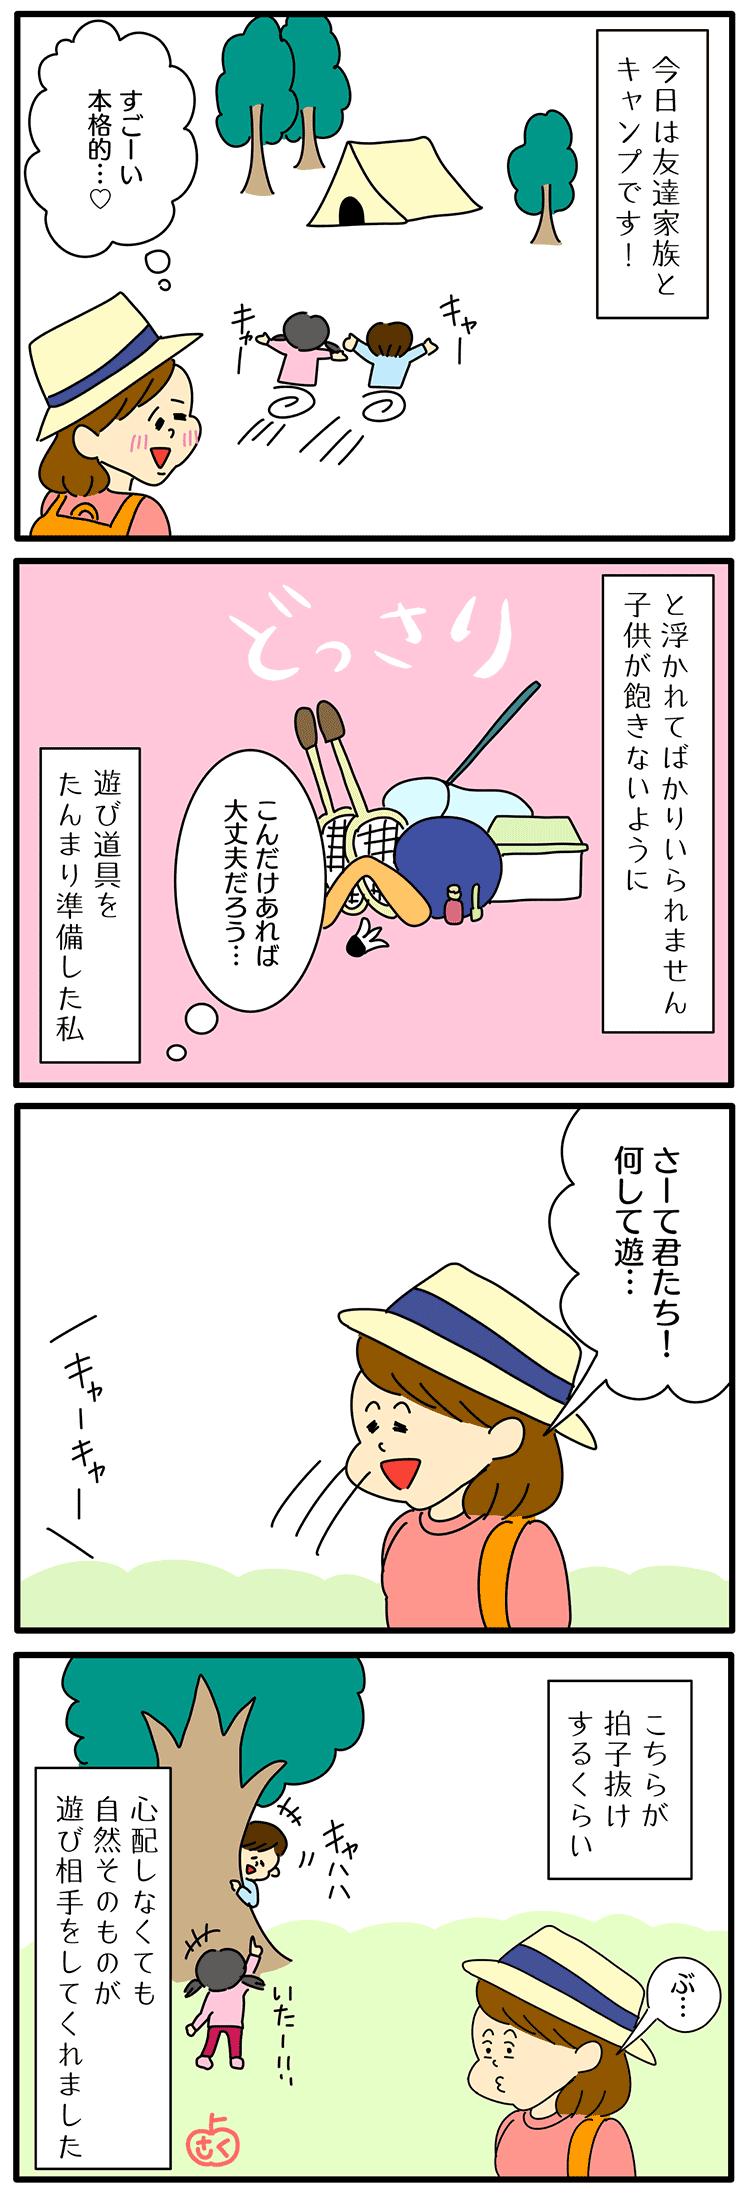 キャンプでの子供の遊びについての永岡さくら(saku)子育て4コマ漫画